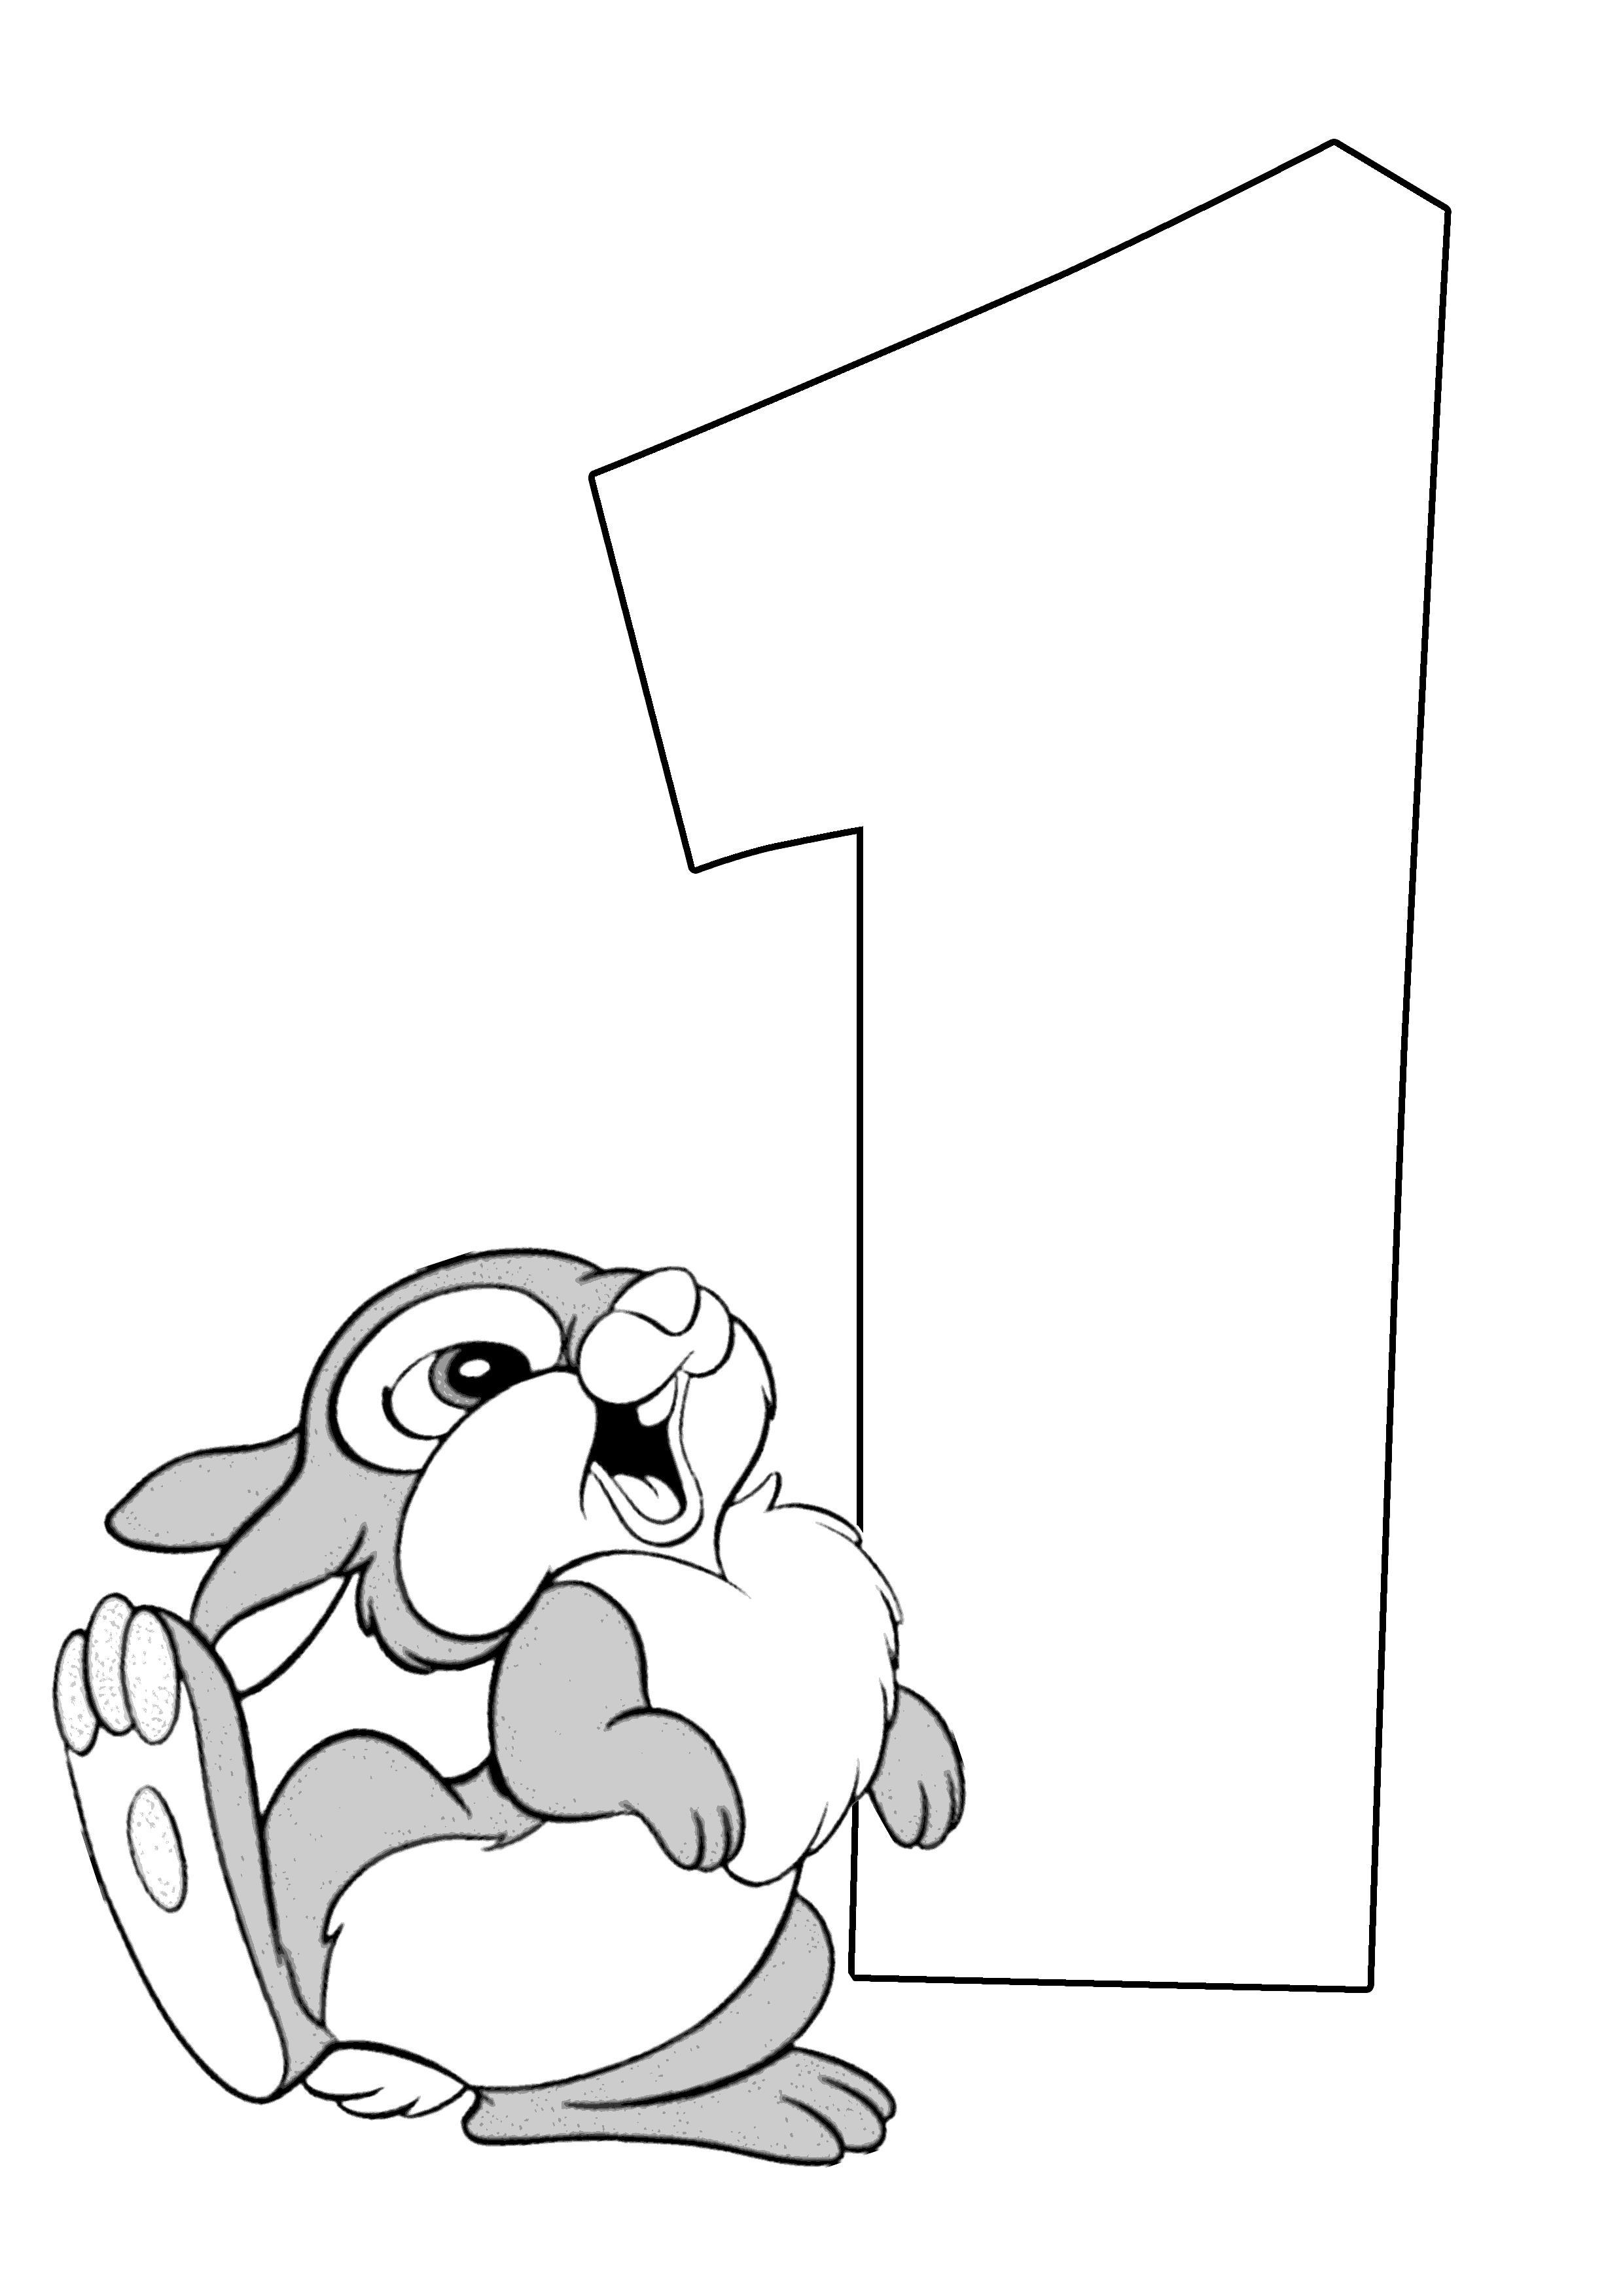 Раскраски счет, цифра 1 и кролик